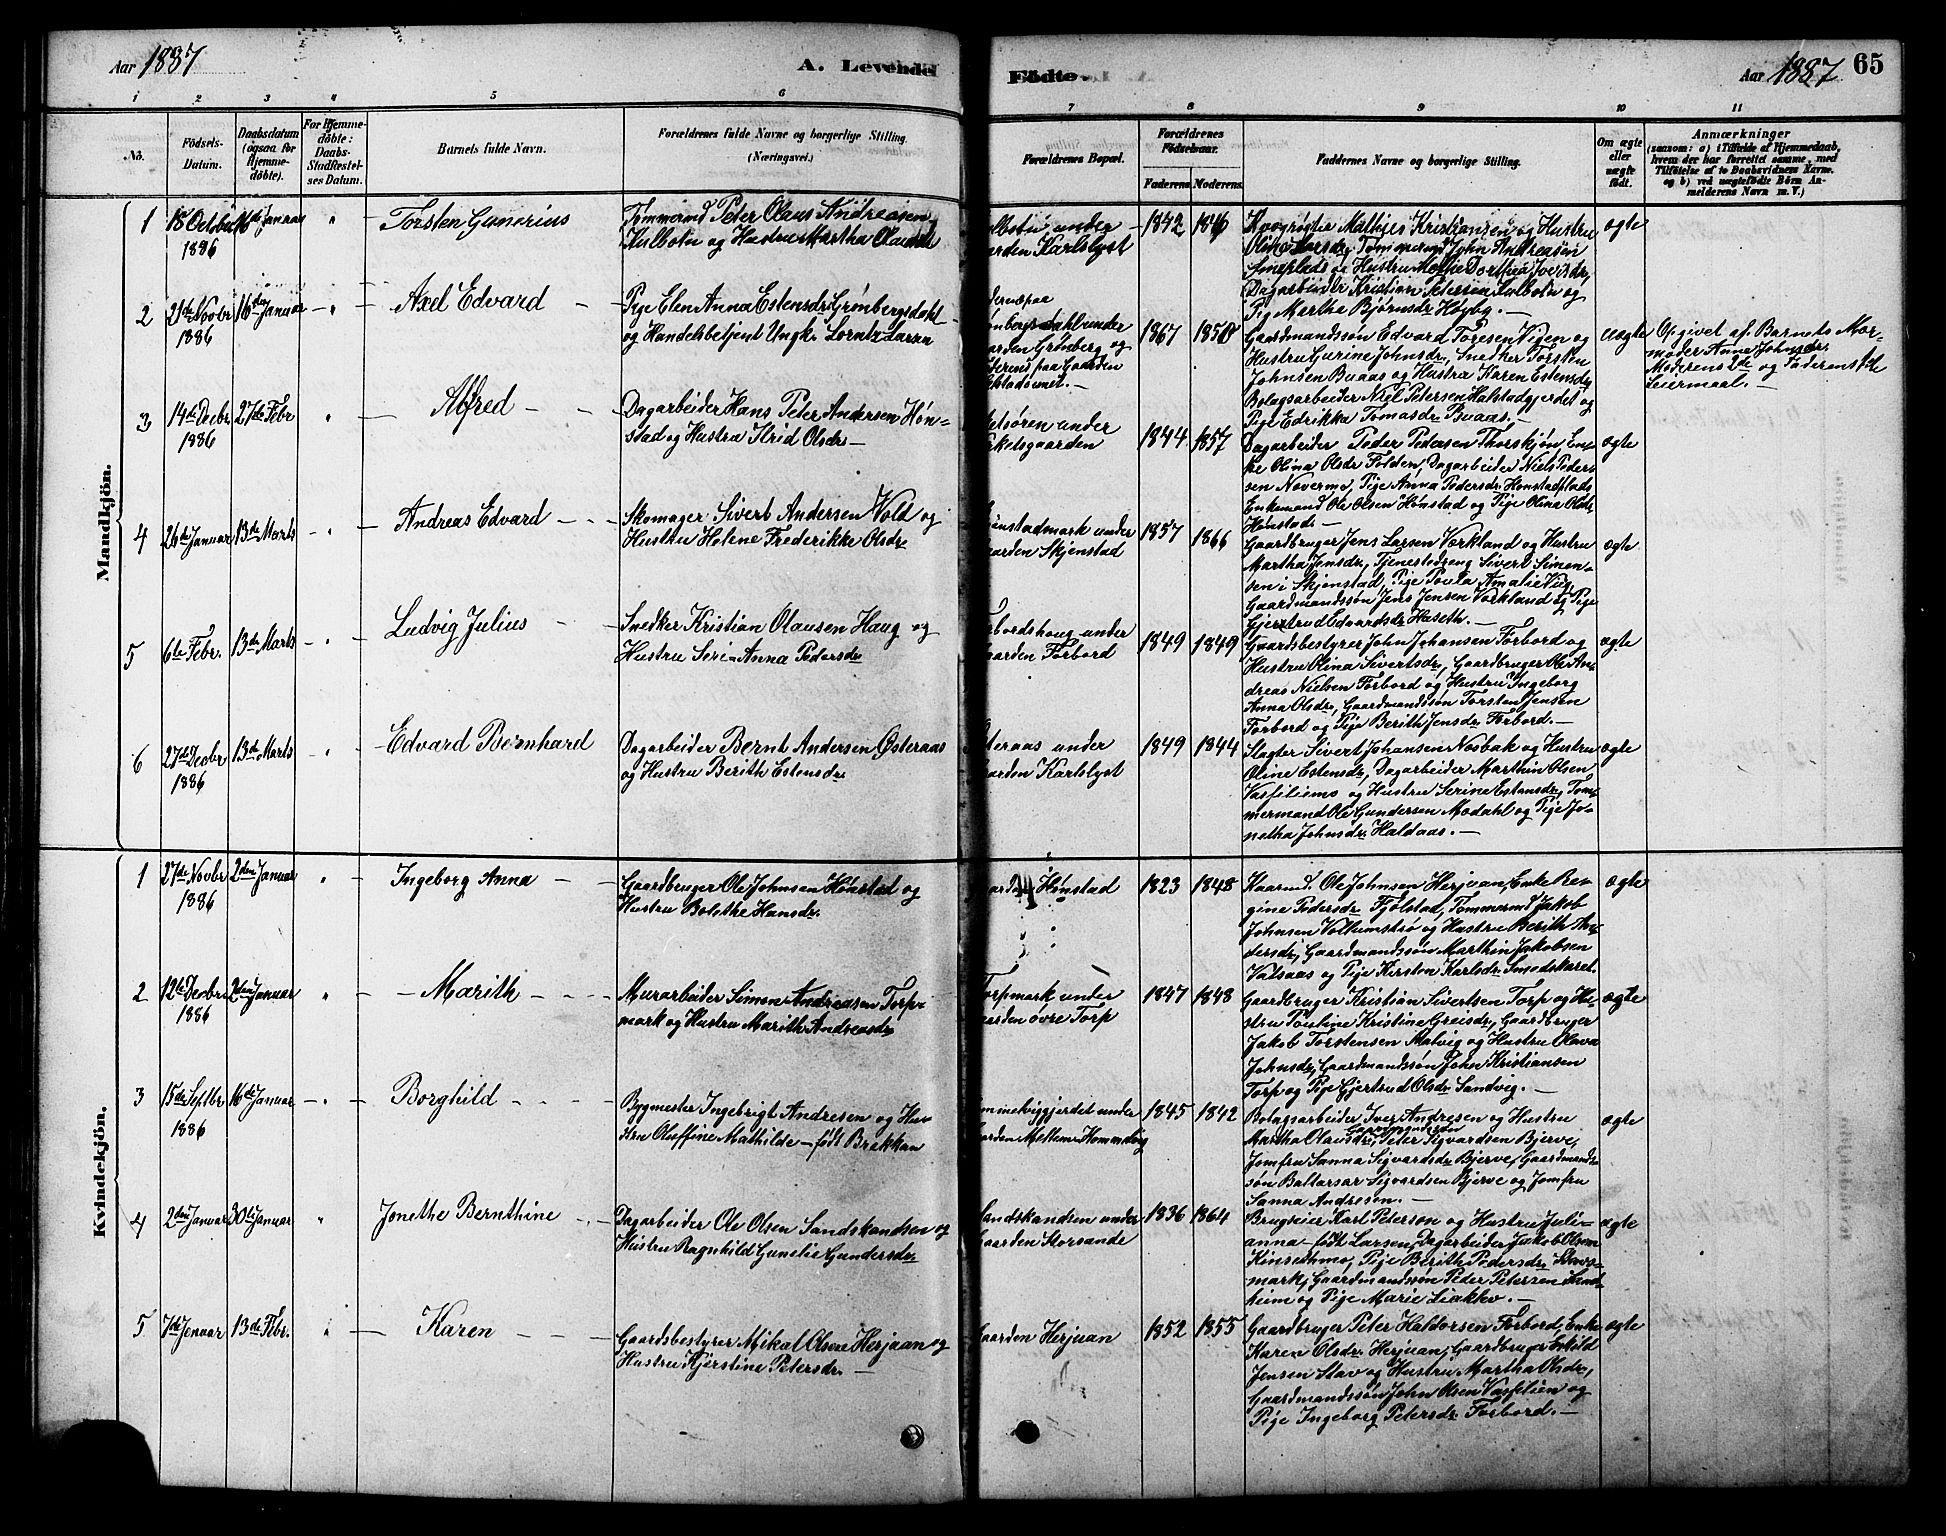 SAT, Ministerialprotokoller, klokkerbøker og fødselsregistre - Sør-Trøndelag, 616/L0423: Klokkerbok nr. 616C06, 1878-1903, s. 65